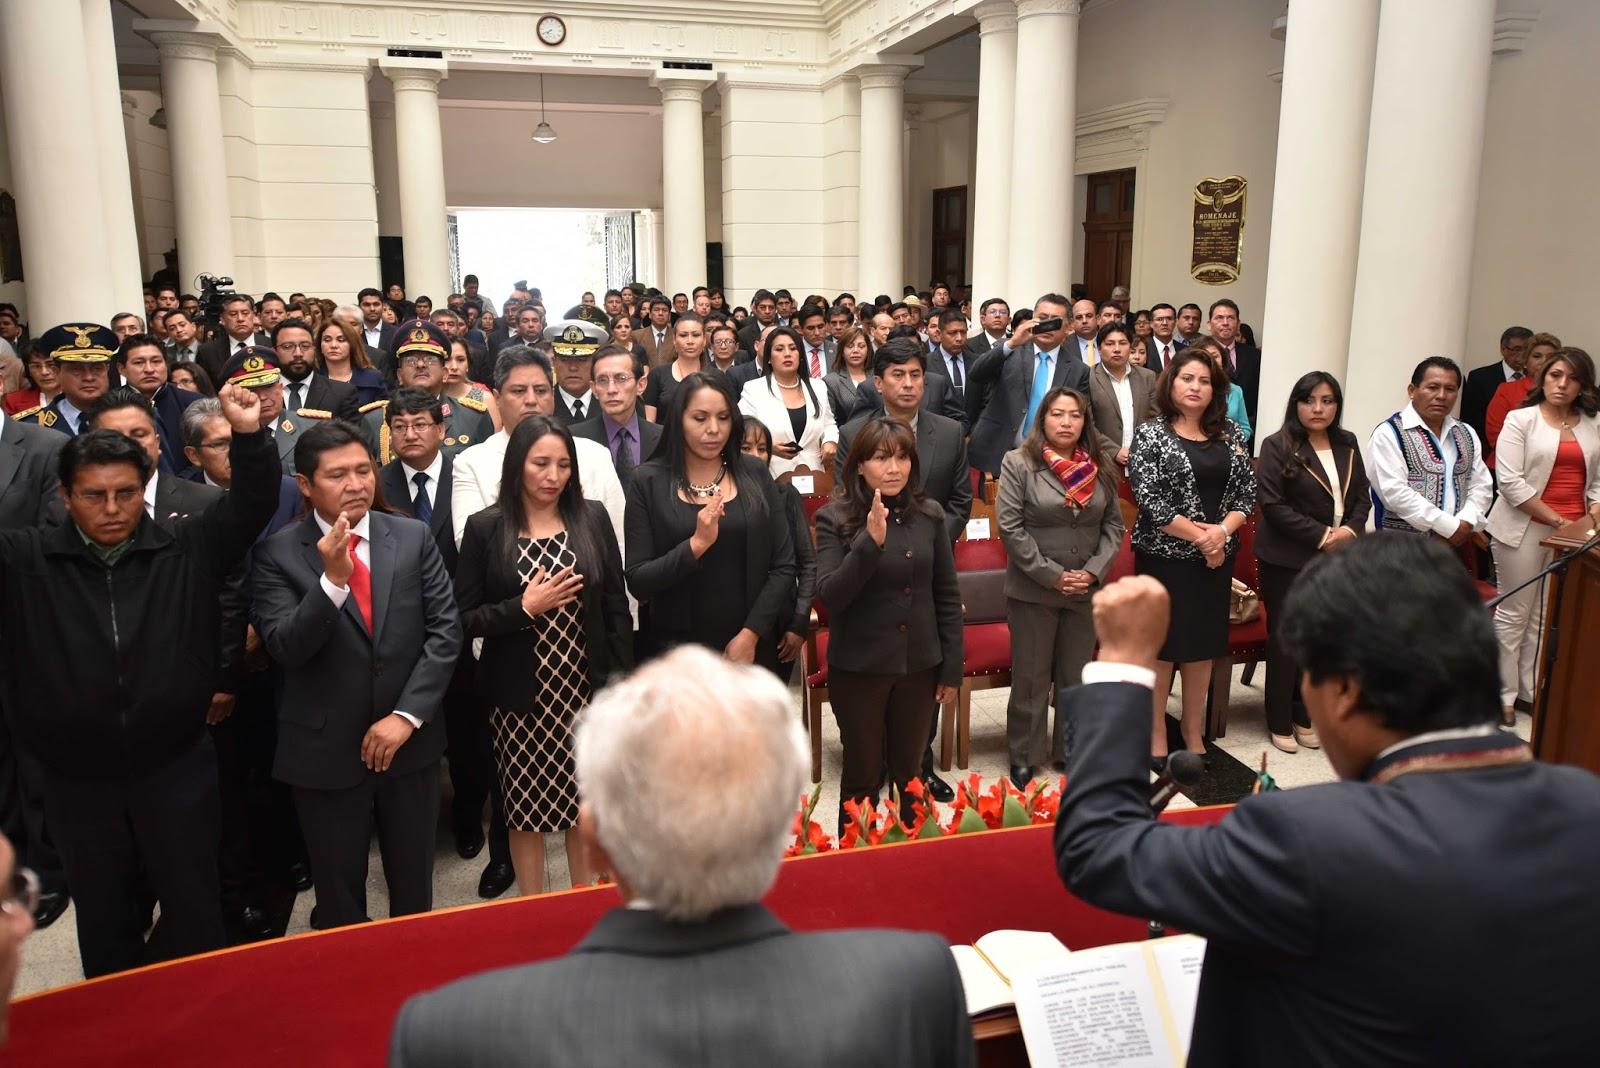 52 magistrados titulares y suplentes juraron ante Morales / ABI